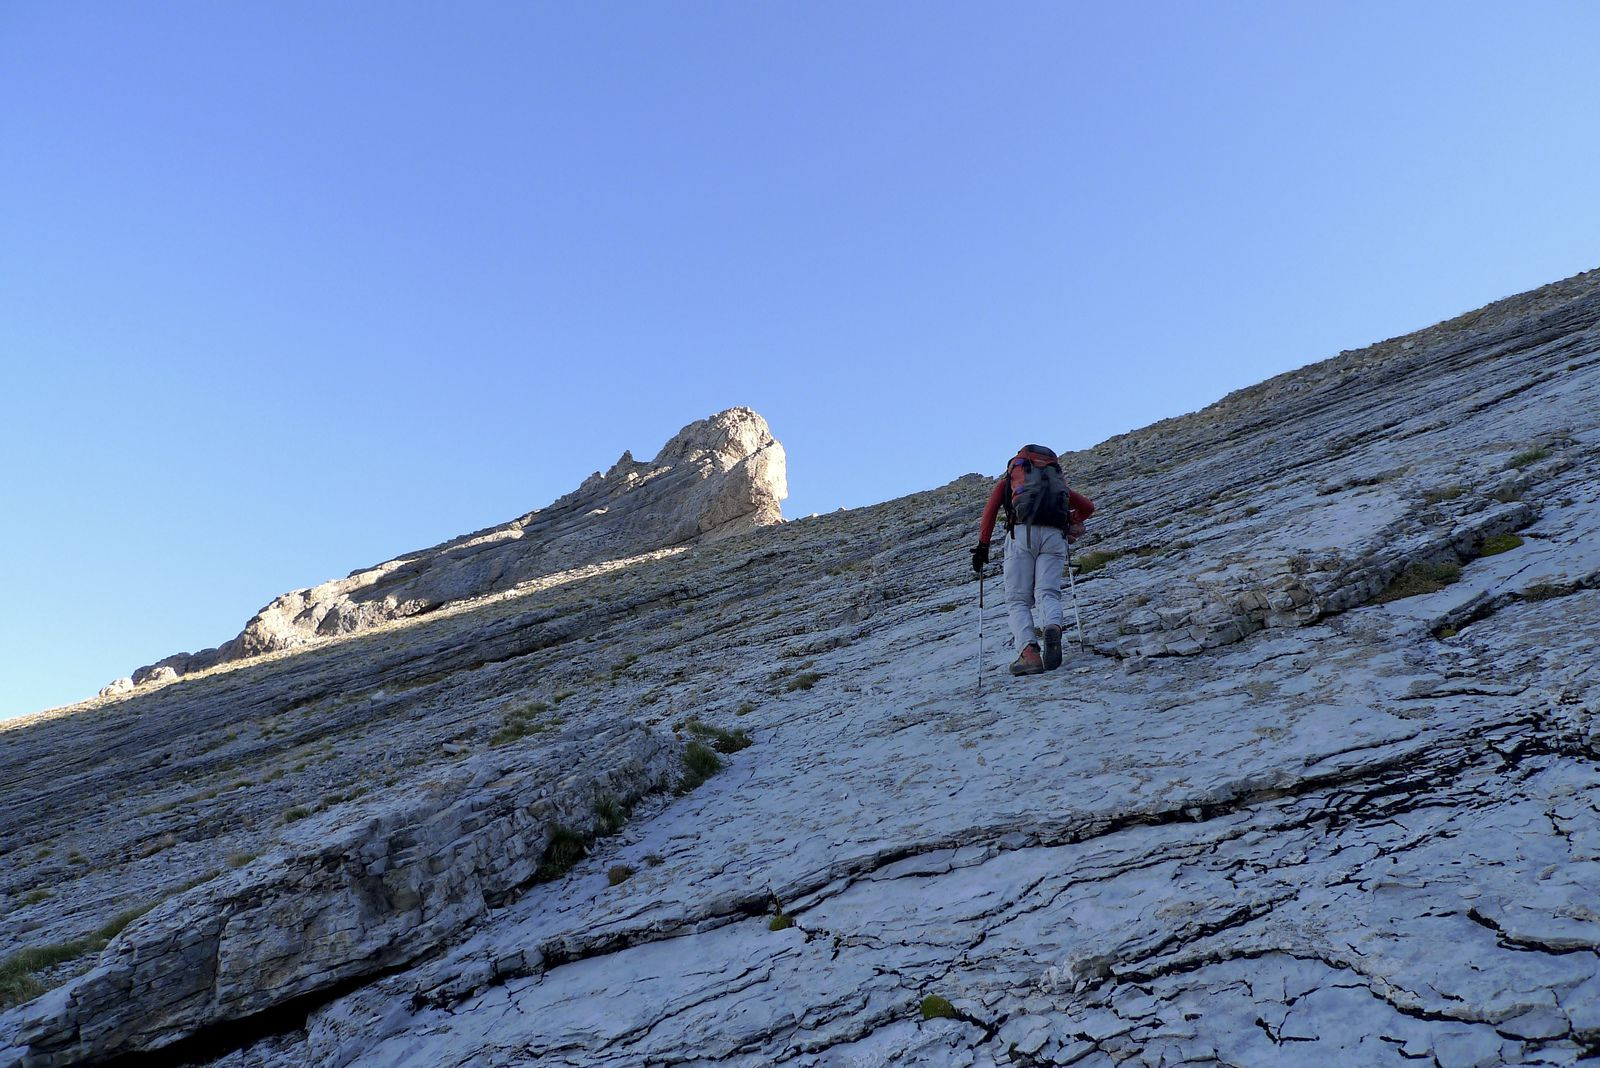 L'autre option est de descendre le versant est par le ravin de la Chabournasse. Ces dalles couvertes de genépi en constituent la partie haute, sous la brèche.